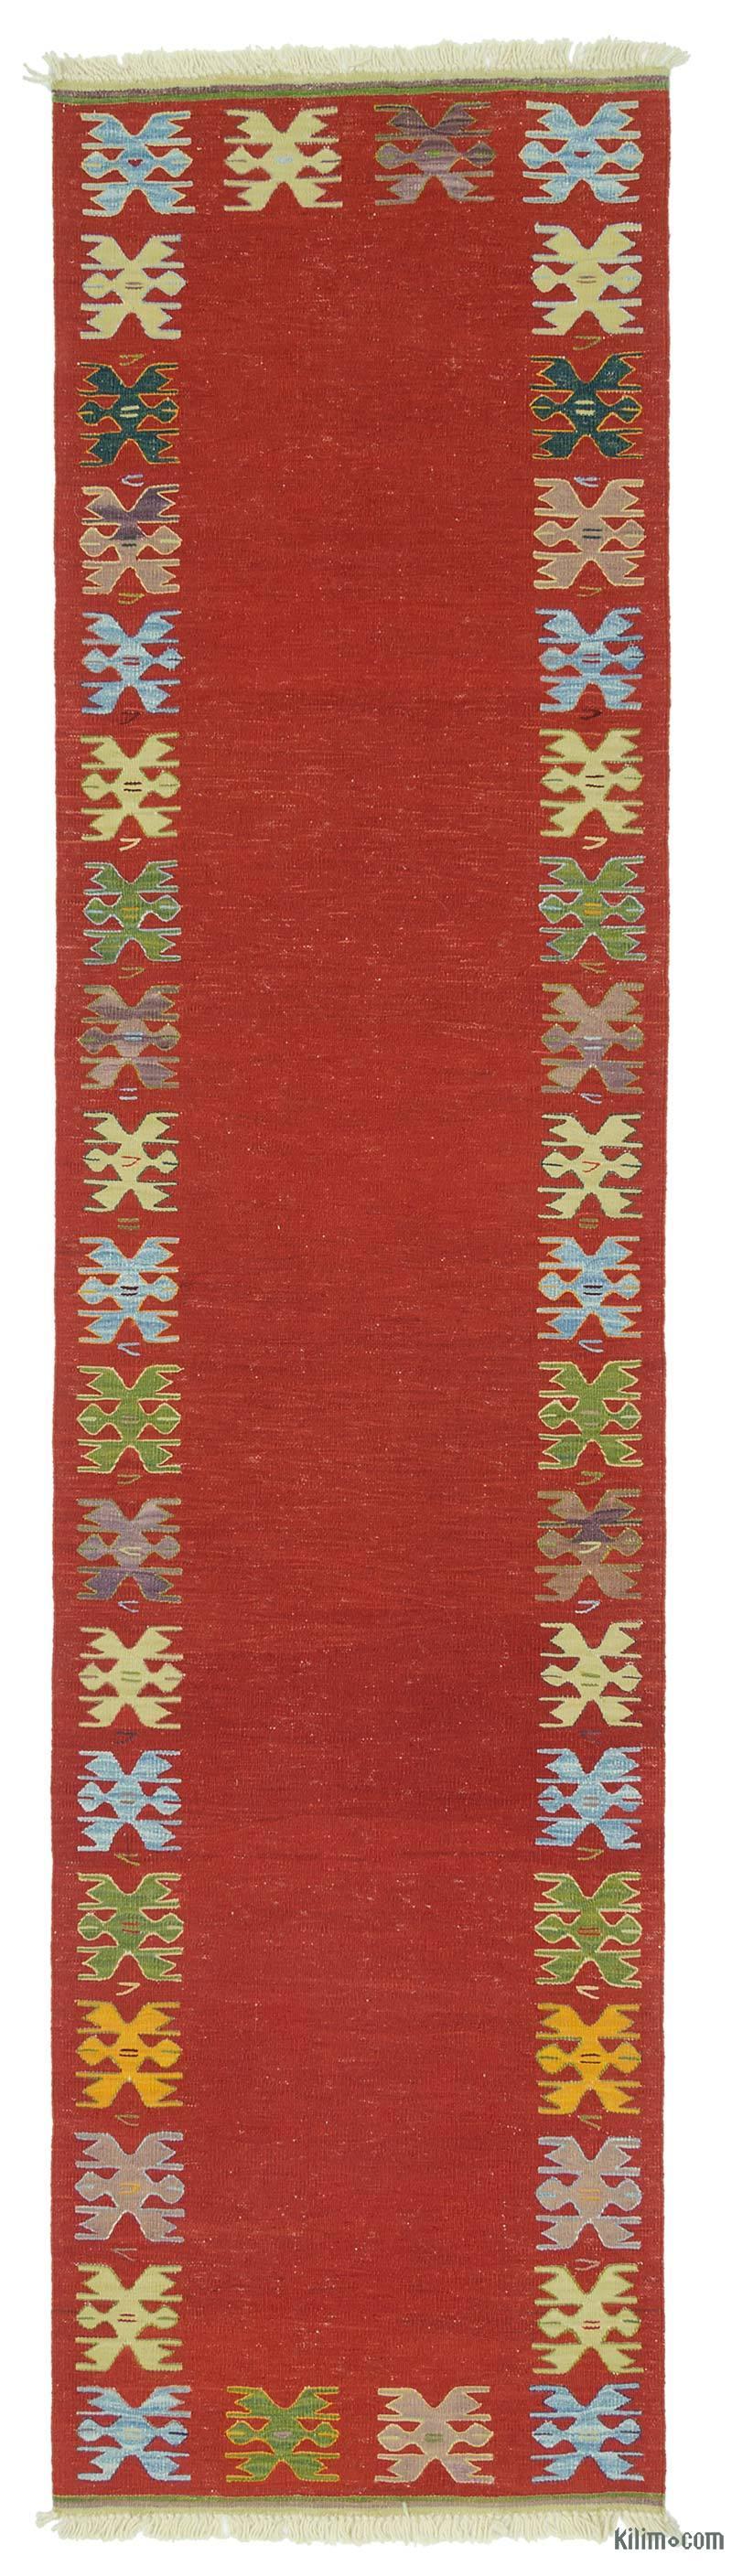 Kırmızı Yeni Kök Boya Yolluk Kilim - 86 cm x 340 cm - K0020738